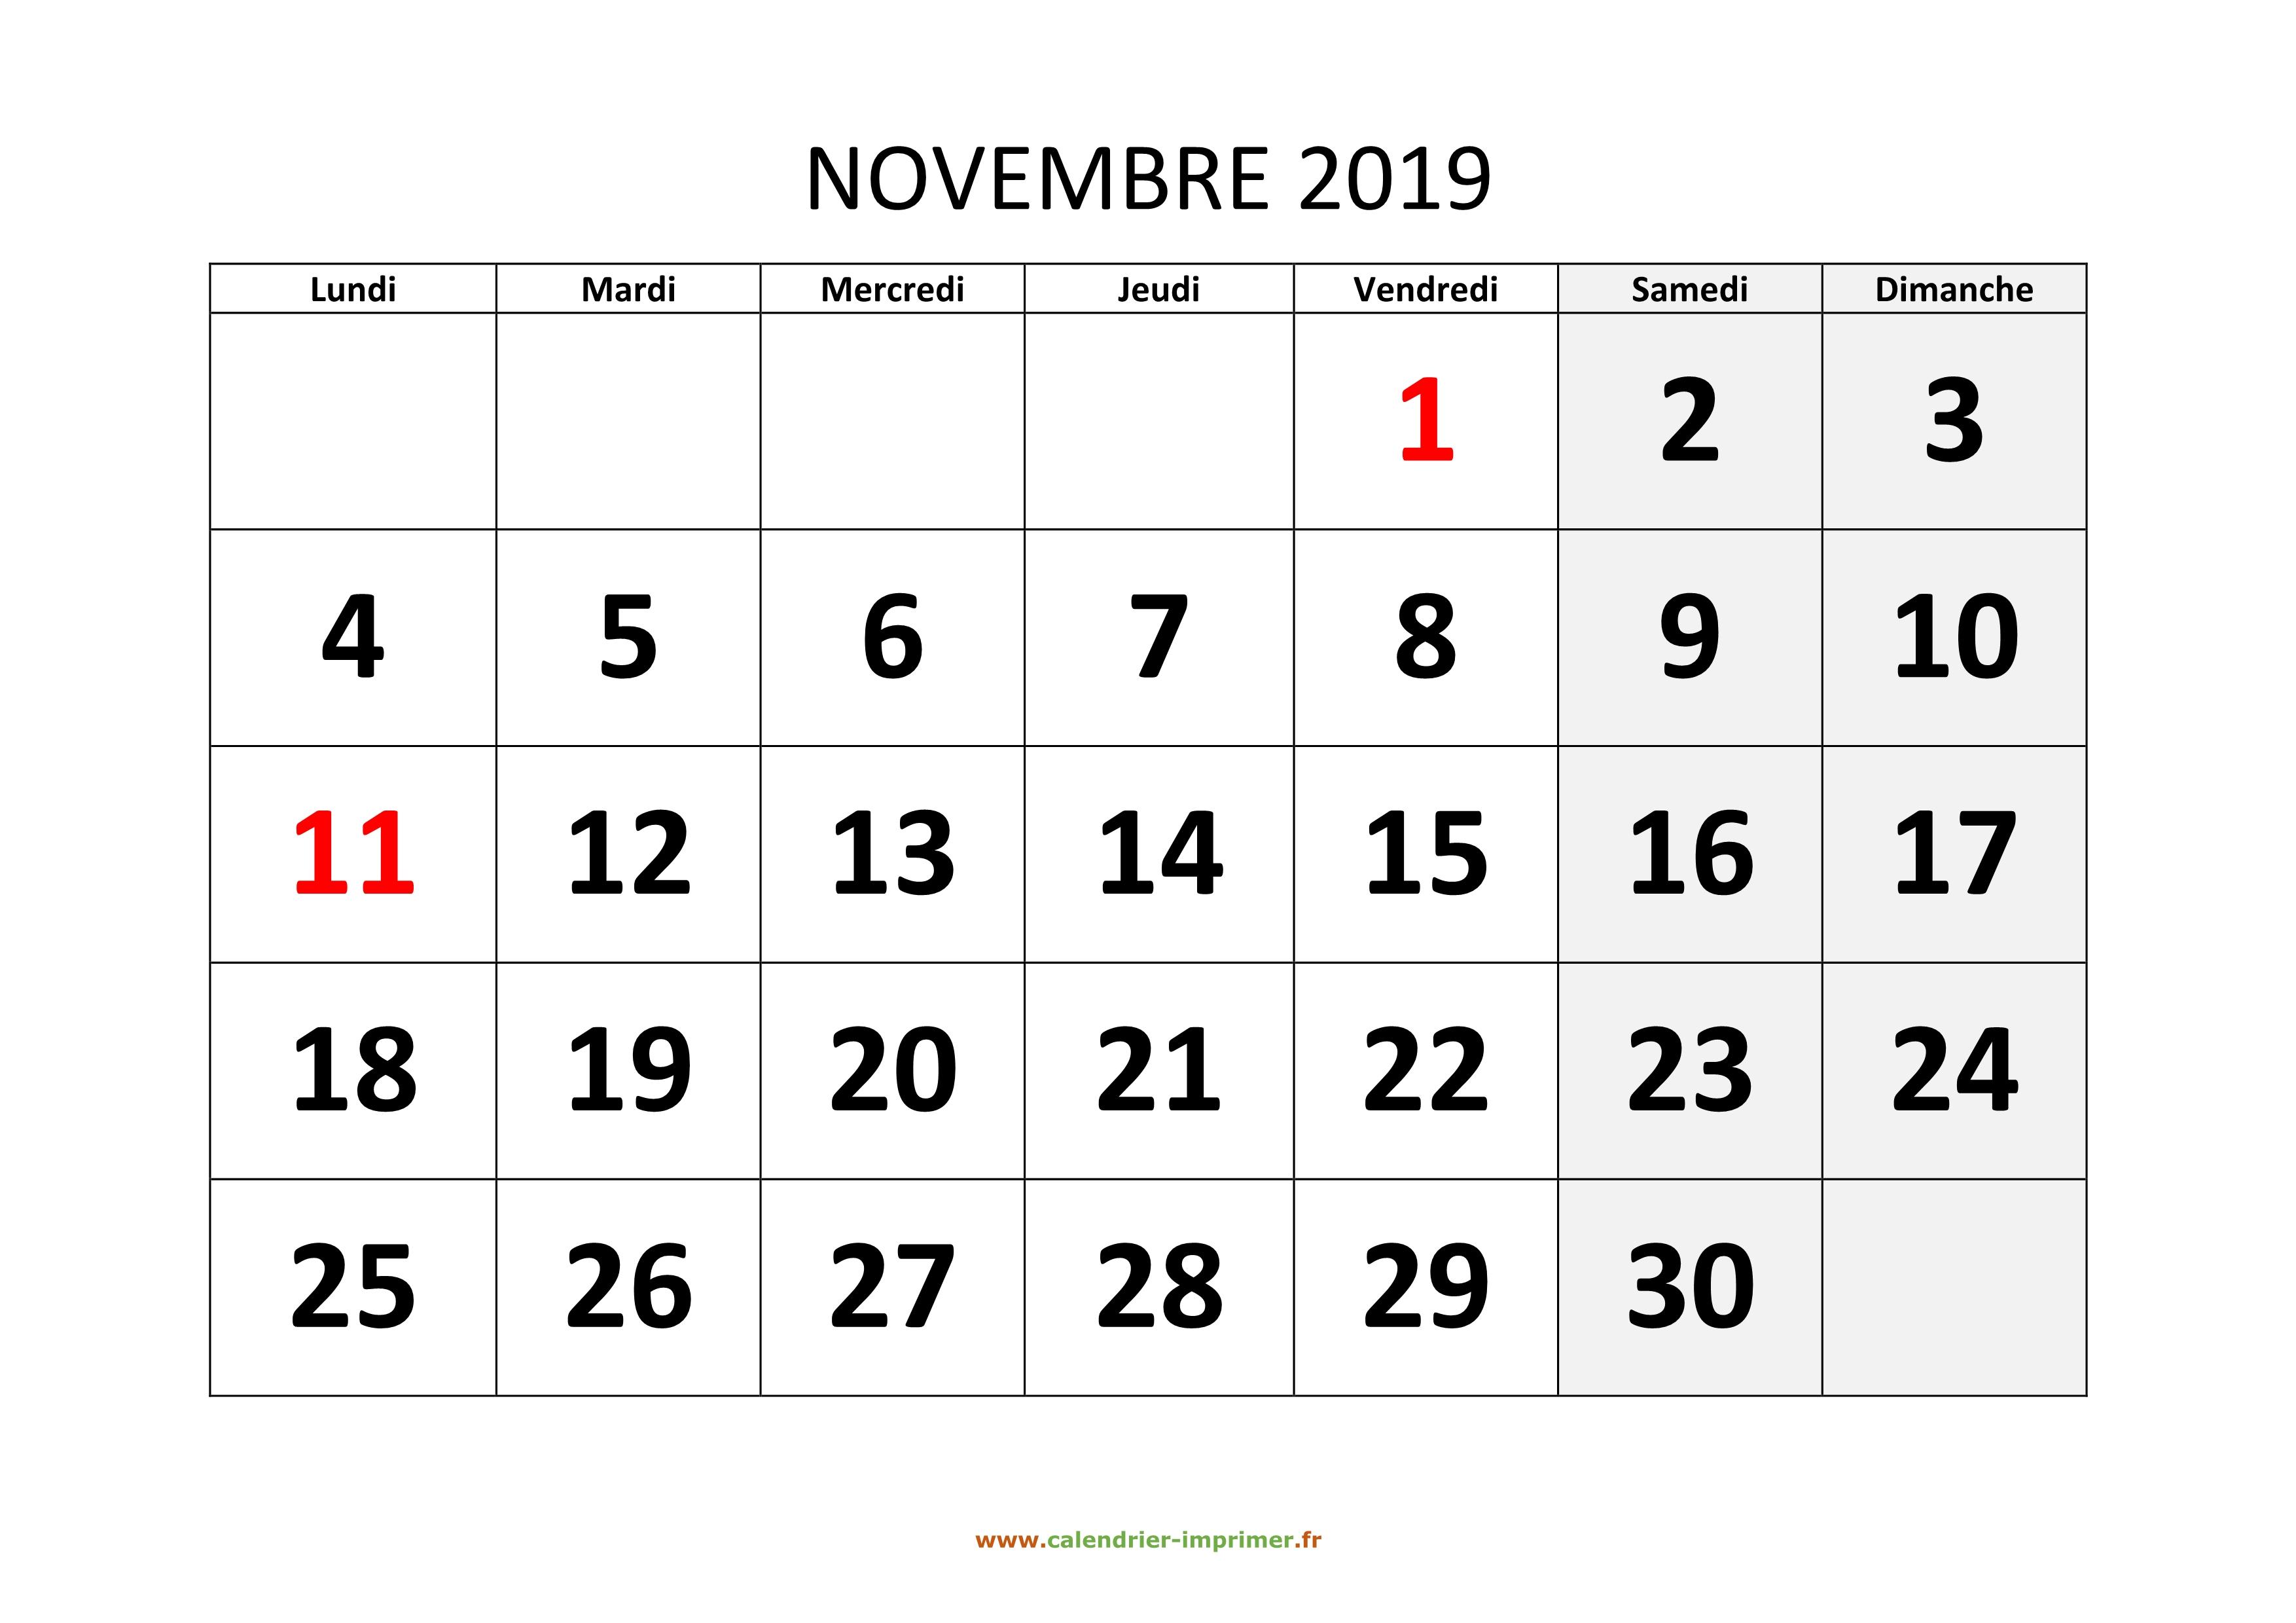 Calendrier Mois De Novembre 2019.Calendrier Novembre 2019 A Imprimer